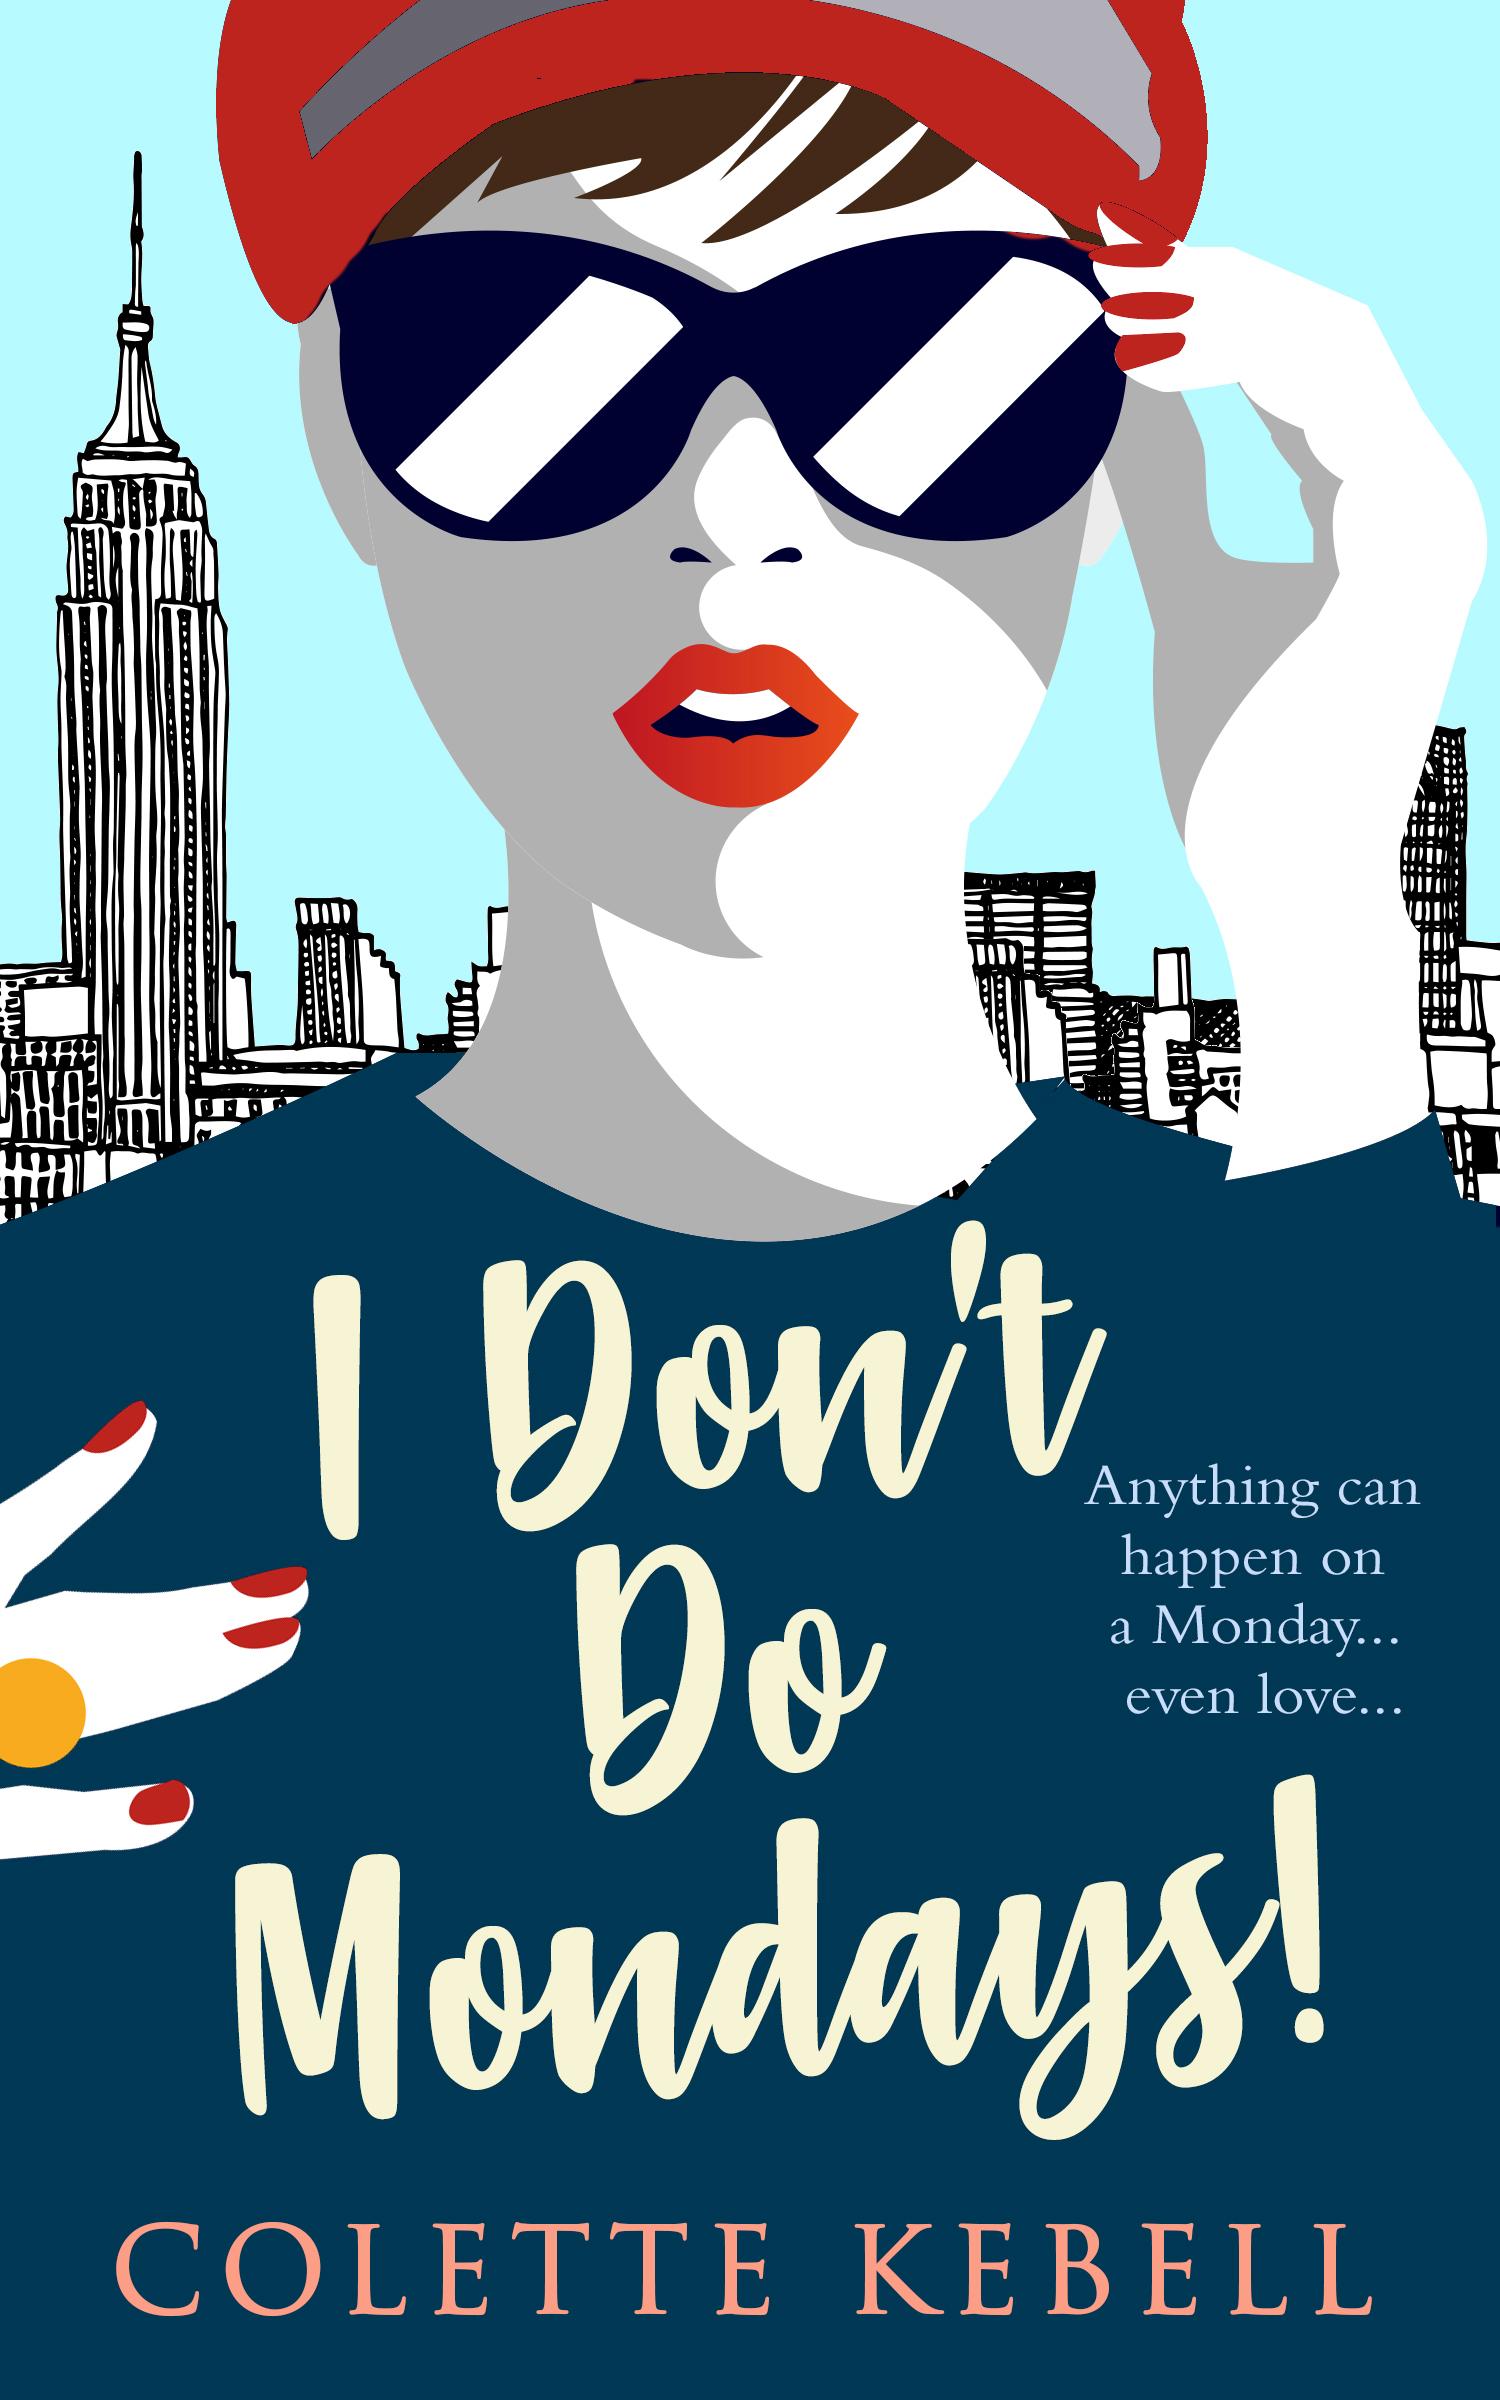 I Don't Do Mondays 20.08.2020 - ebook cover